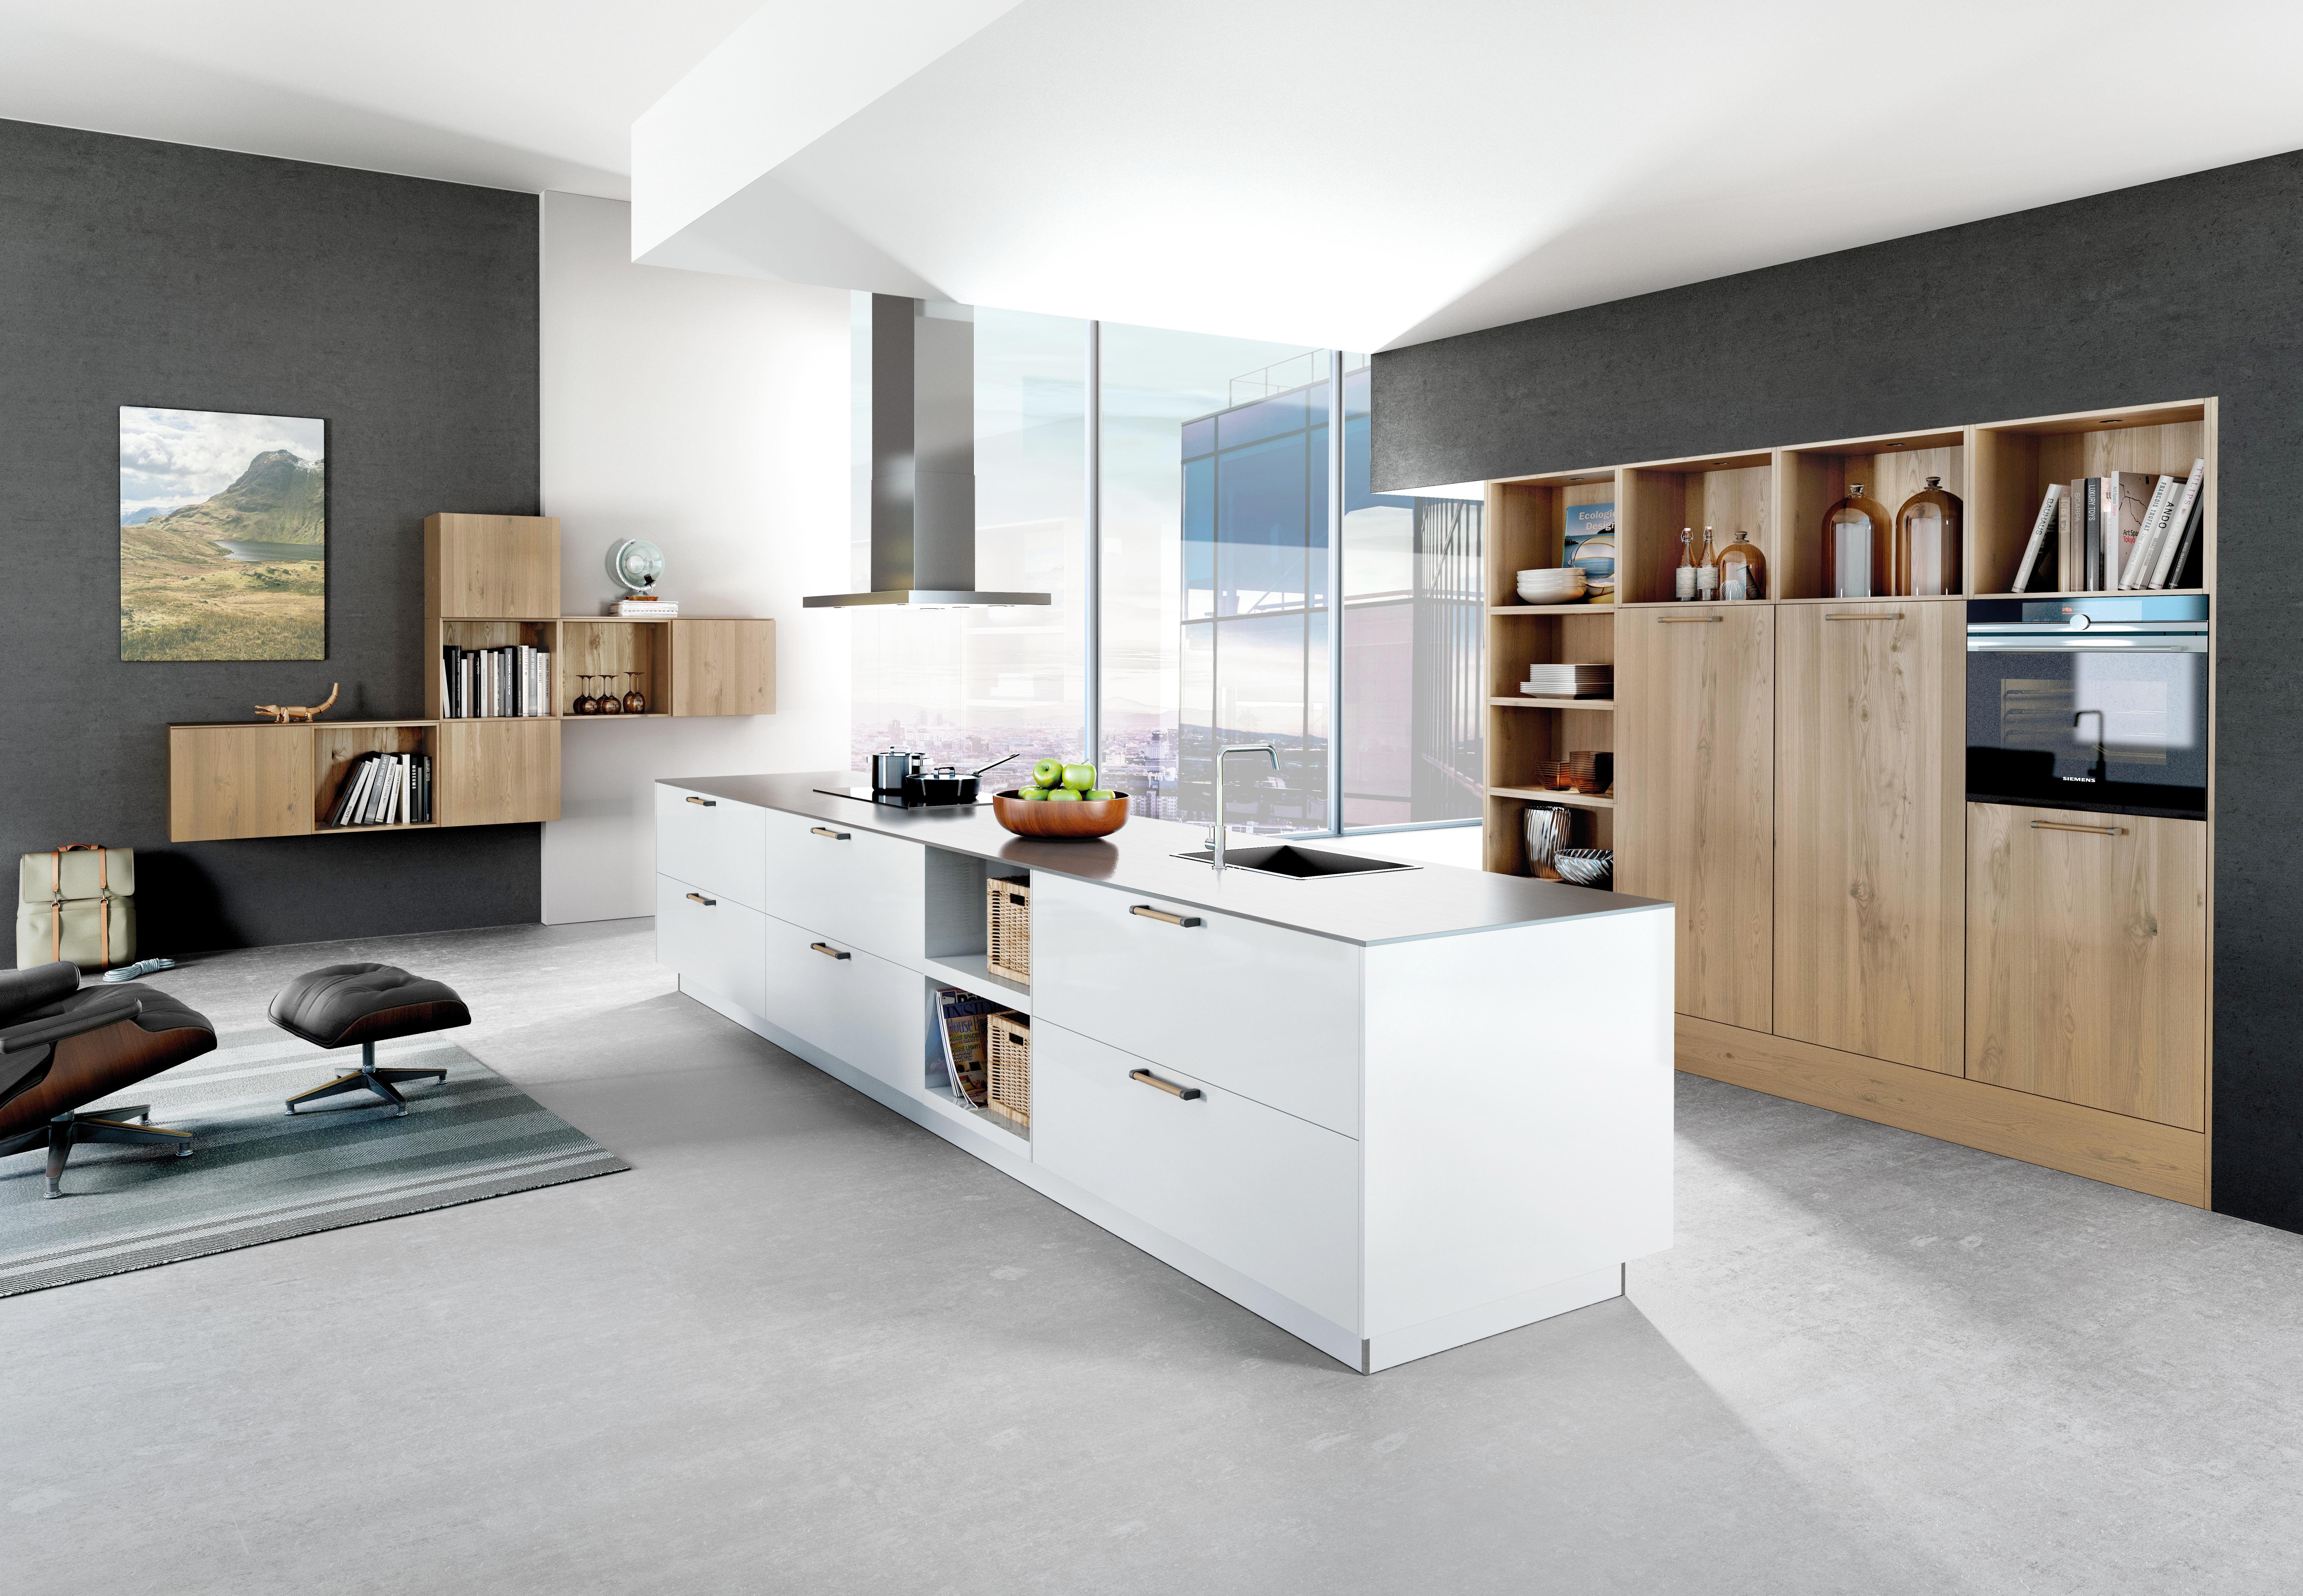 Niedlich Küchenschränke Unfertige Möbel Lenexa Ks Bilder - Ideen Für ...